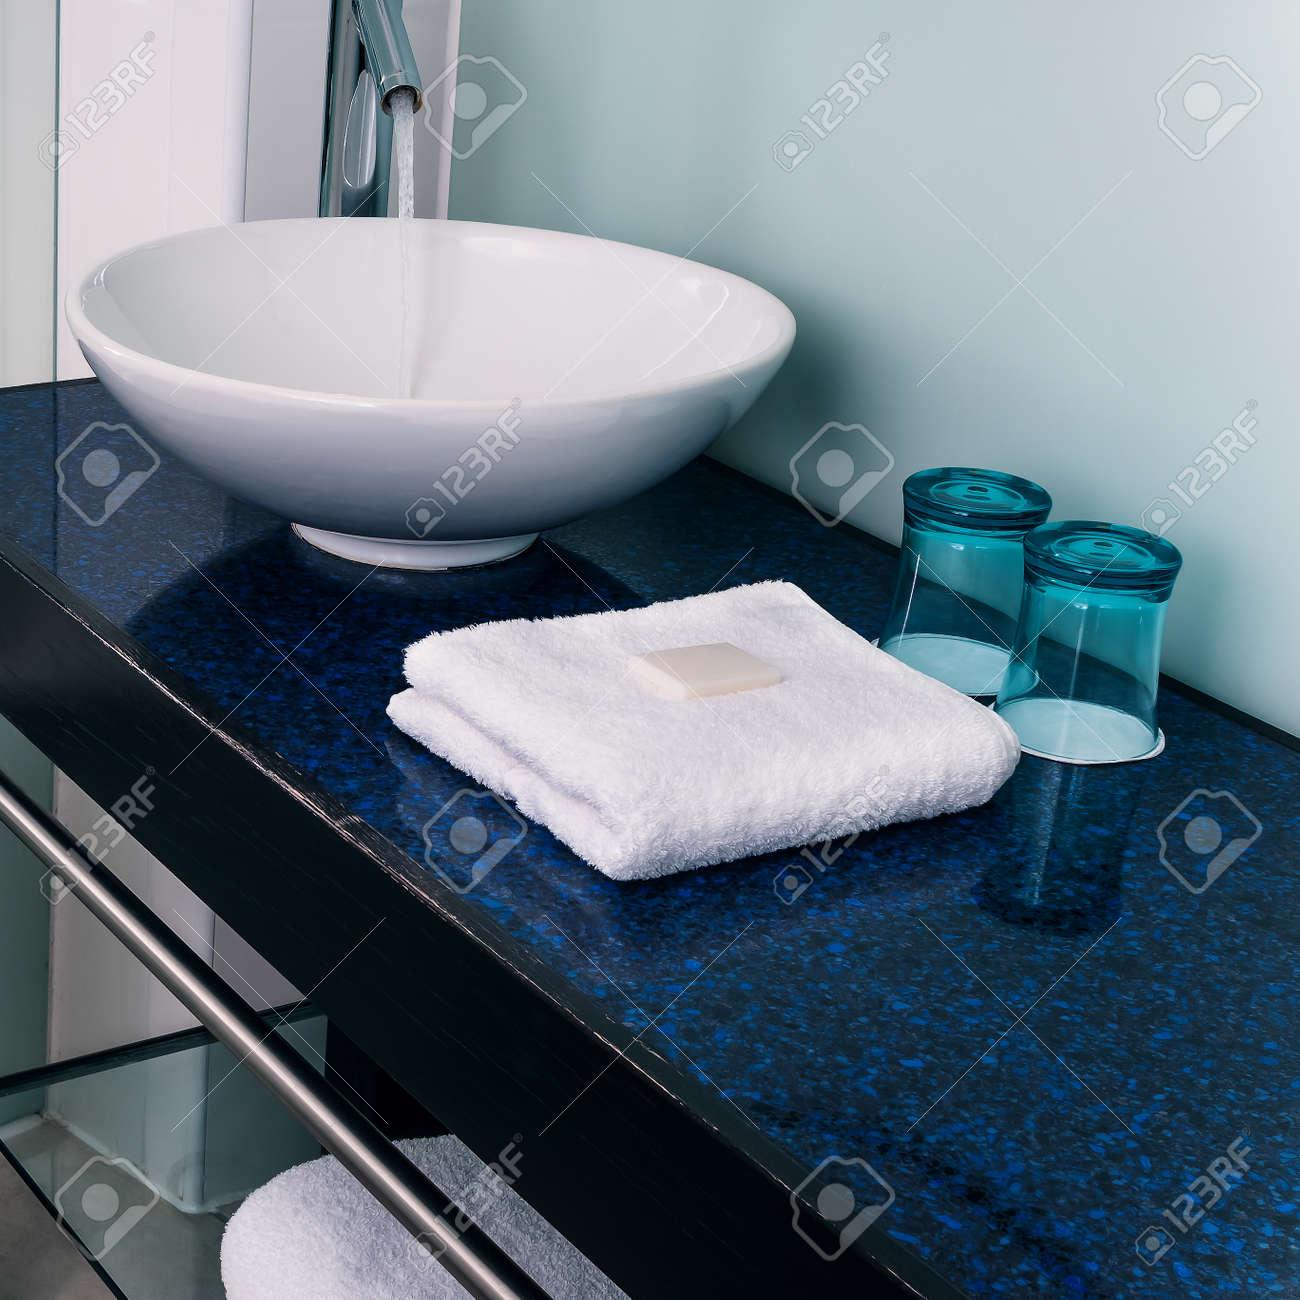 Badrum handfat motverka handdukar vattenglas blå royalty fria ...